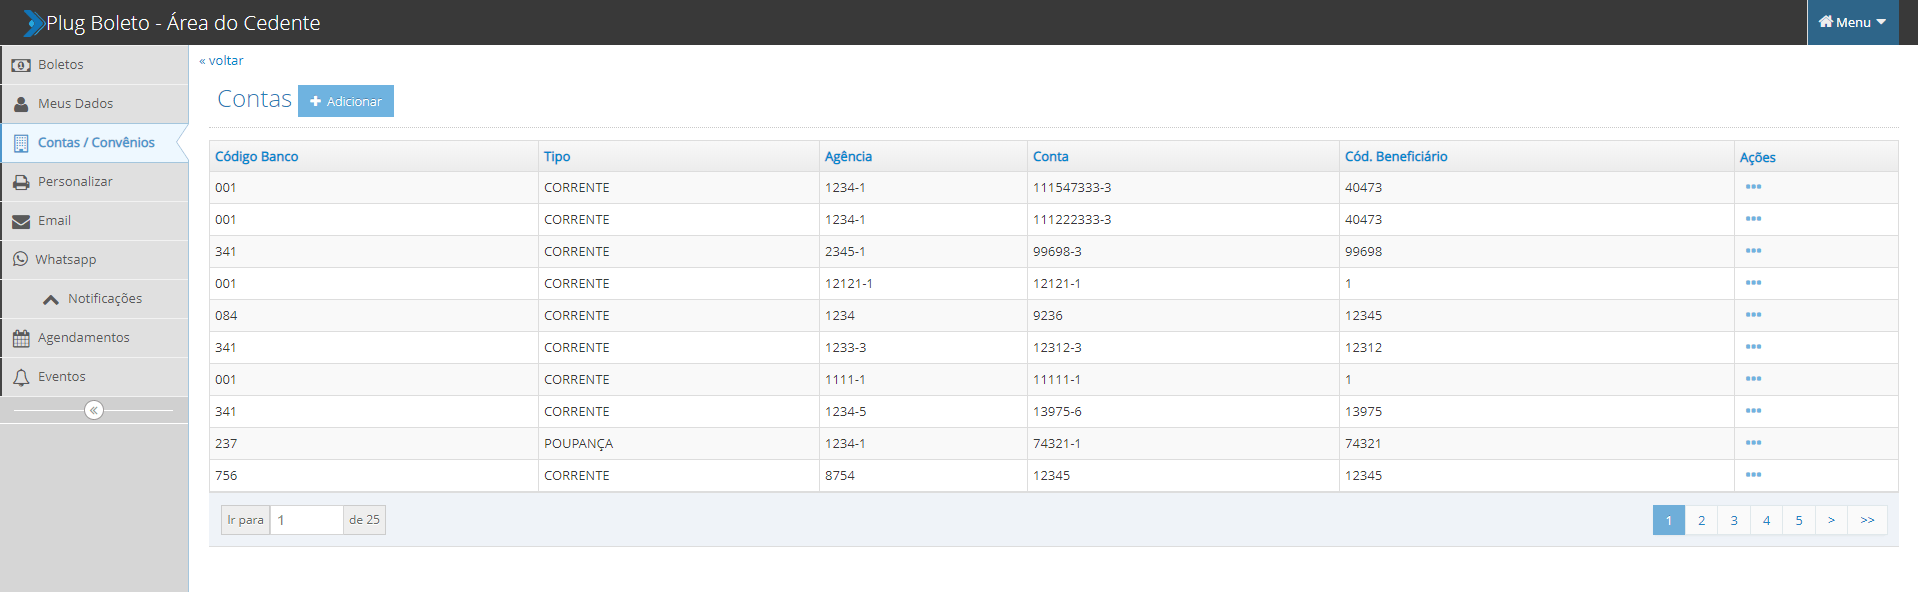 Painel de configuração de contas no Portal do Cedente, um recurso do PlugBoleto.